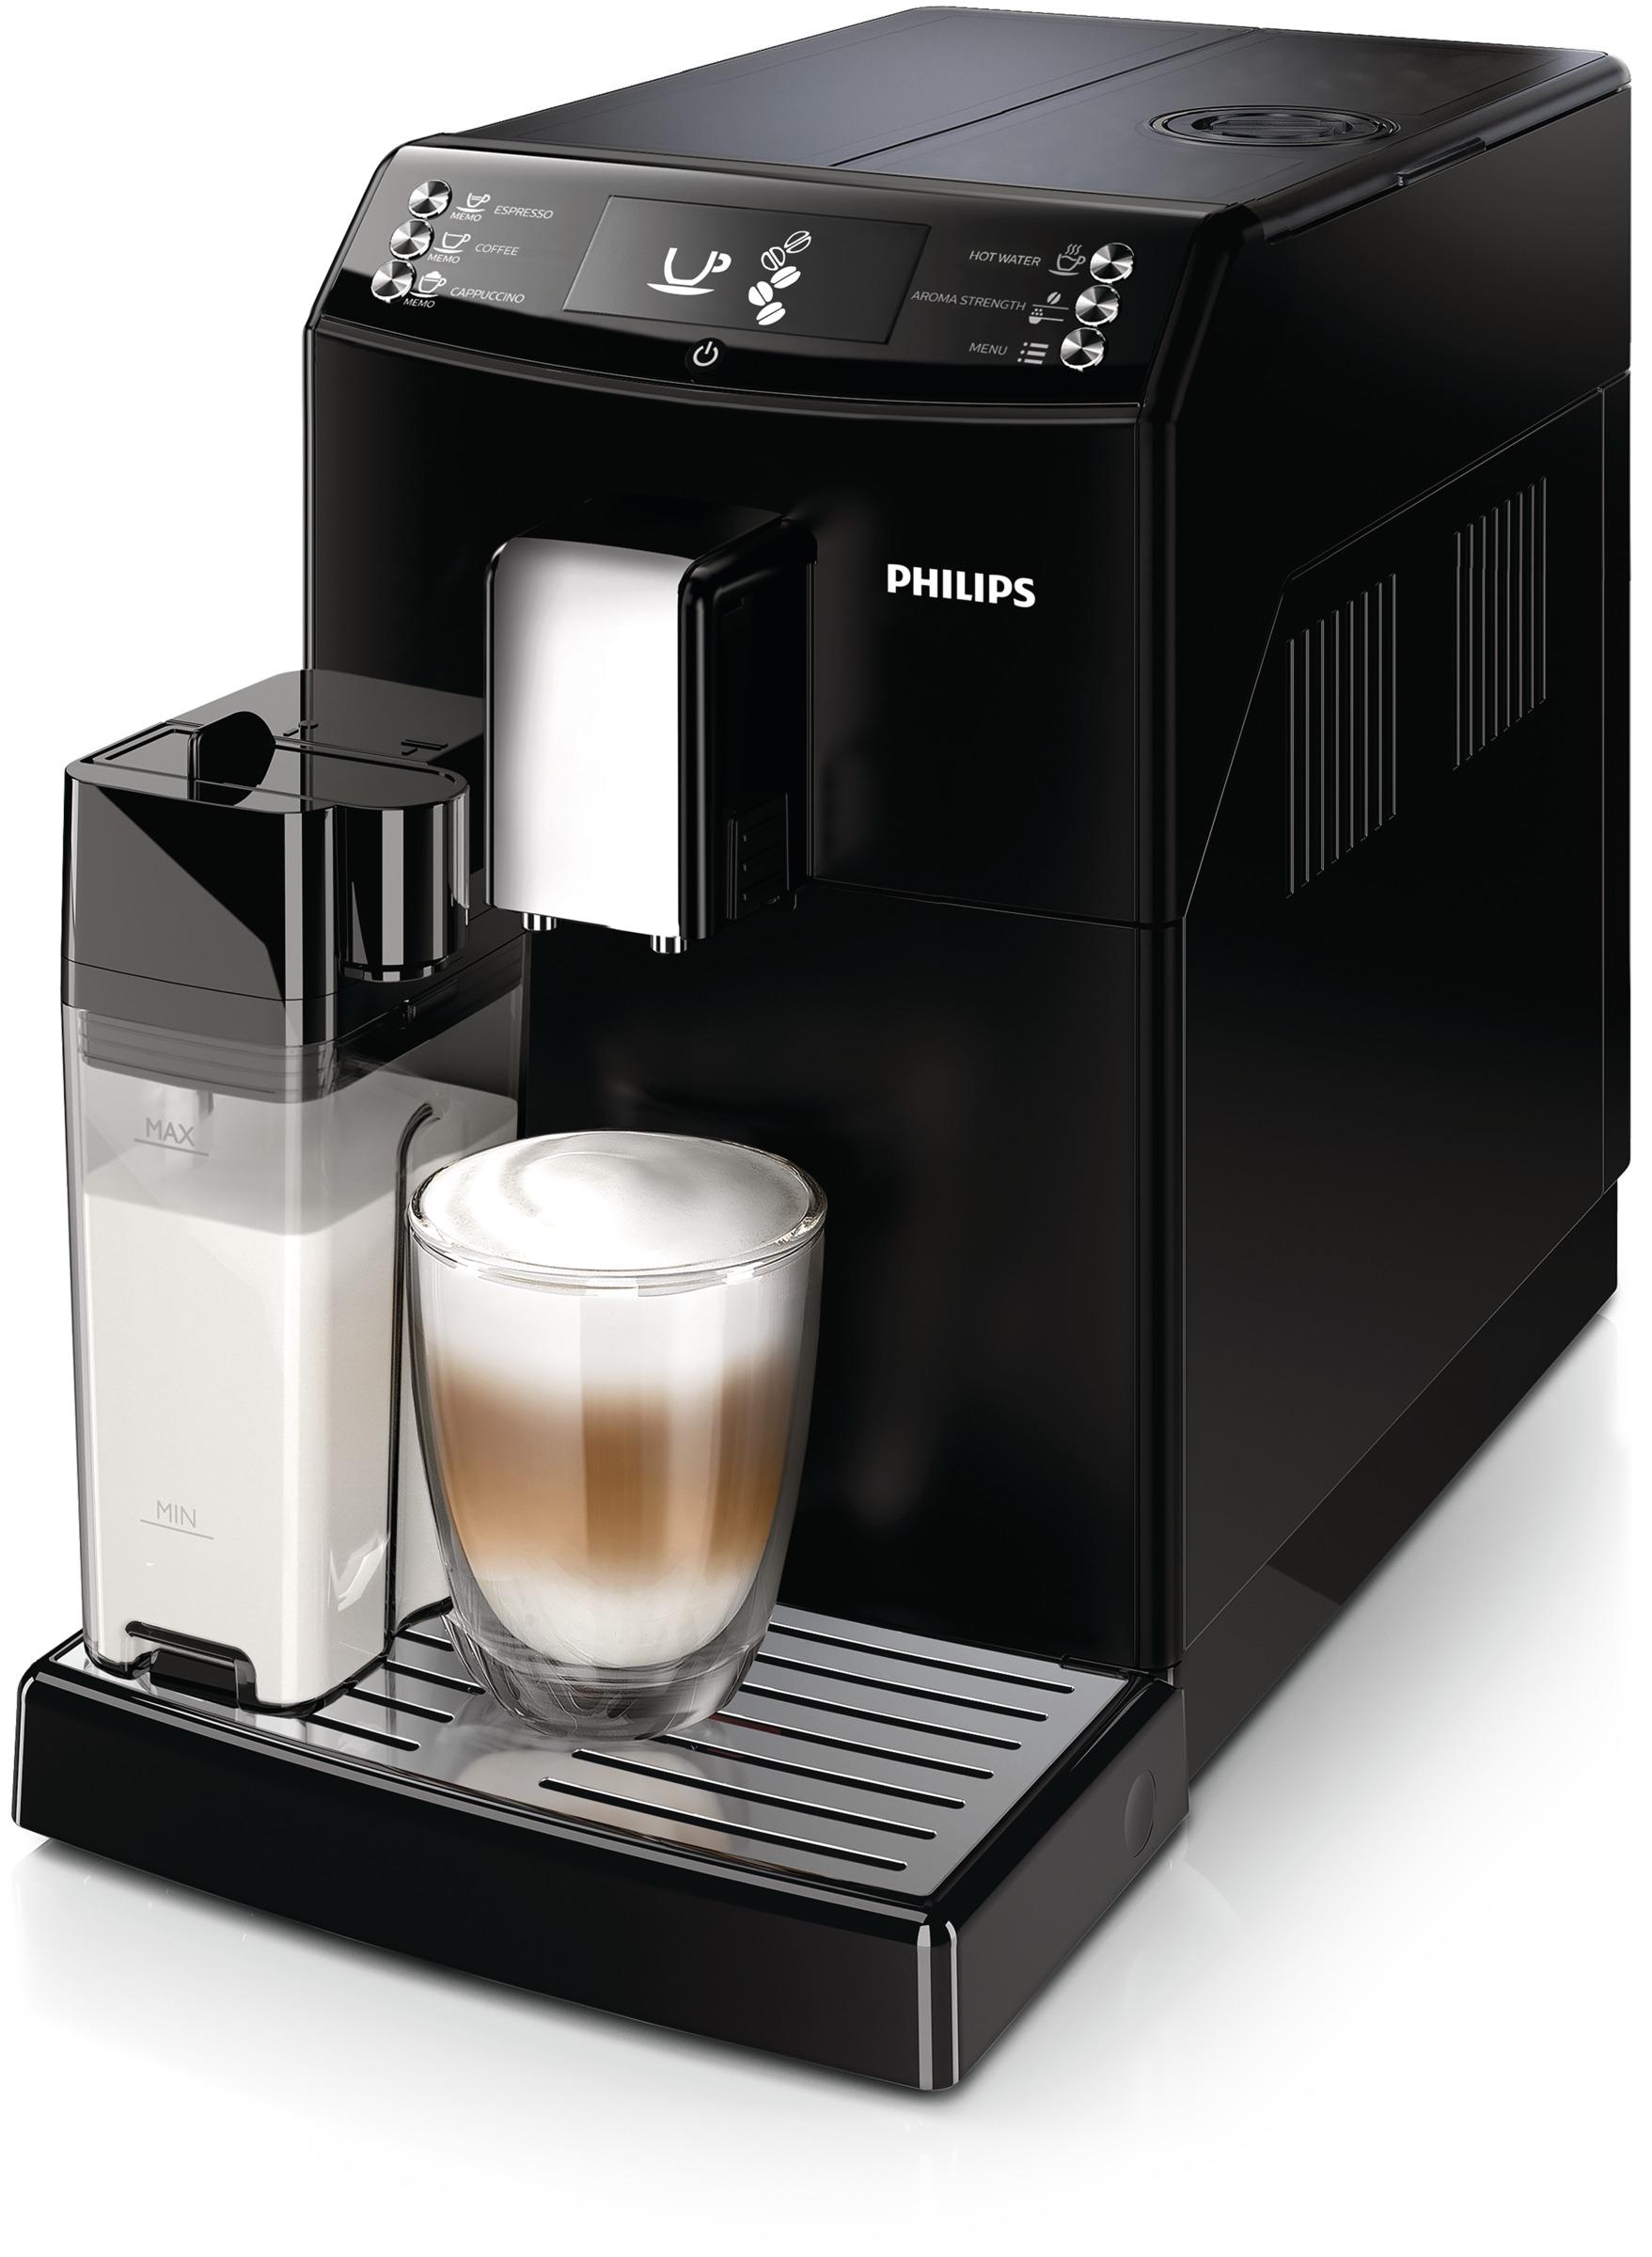 Philips 3100 EP3558/00 кофемашина кофемашина jura a9 aluminium 15118 1450вт 15бар автокапуч